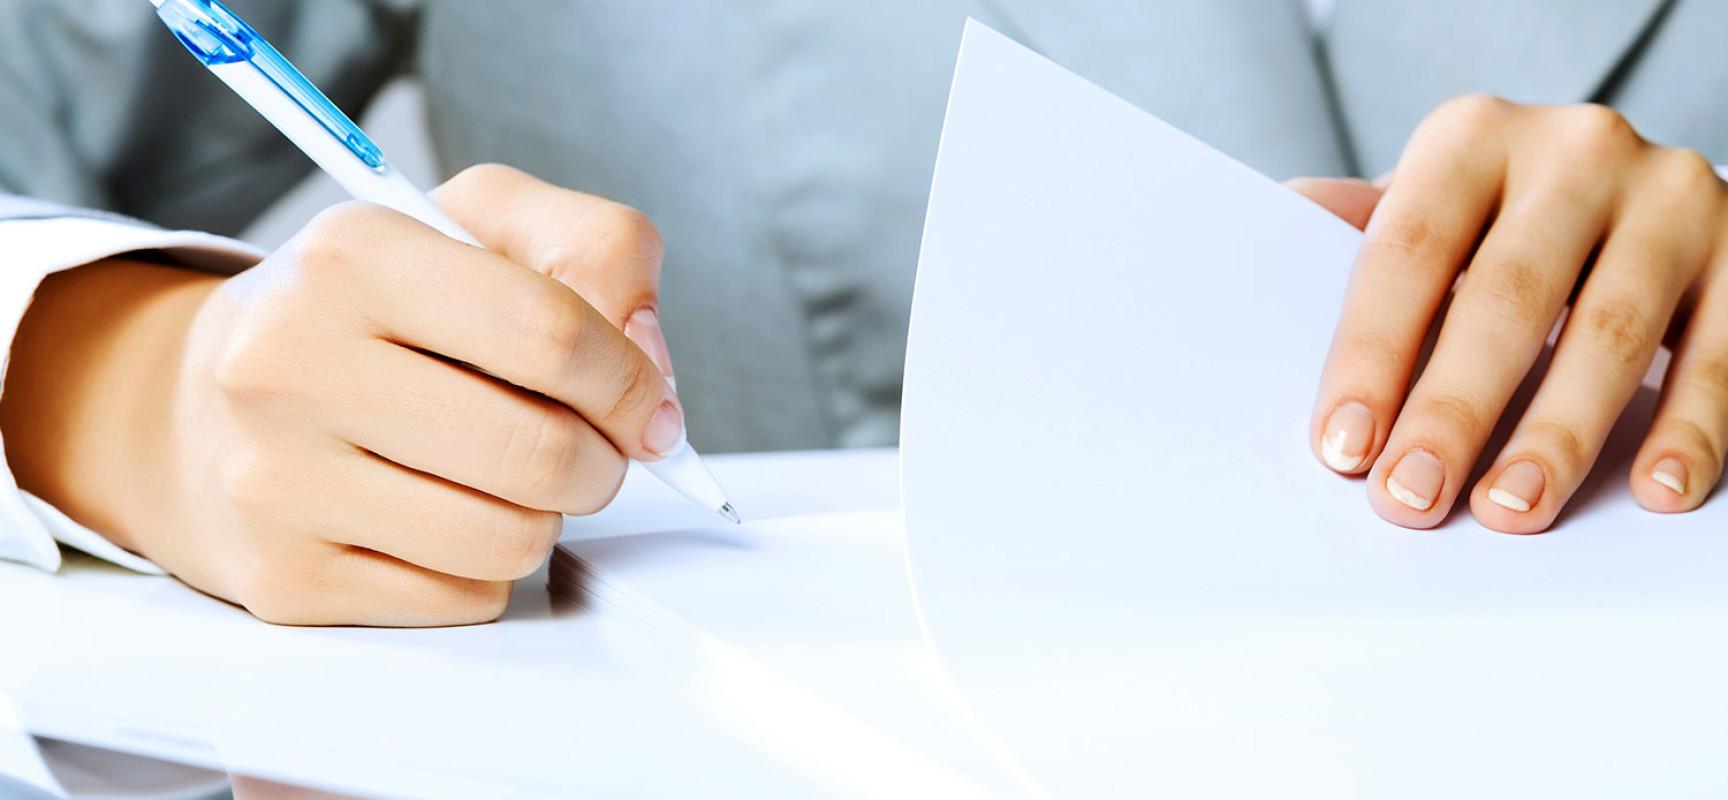 Кто подписывает документы, когда директор в отпуске?